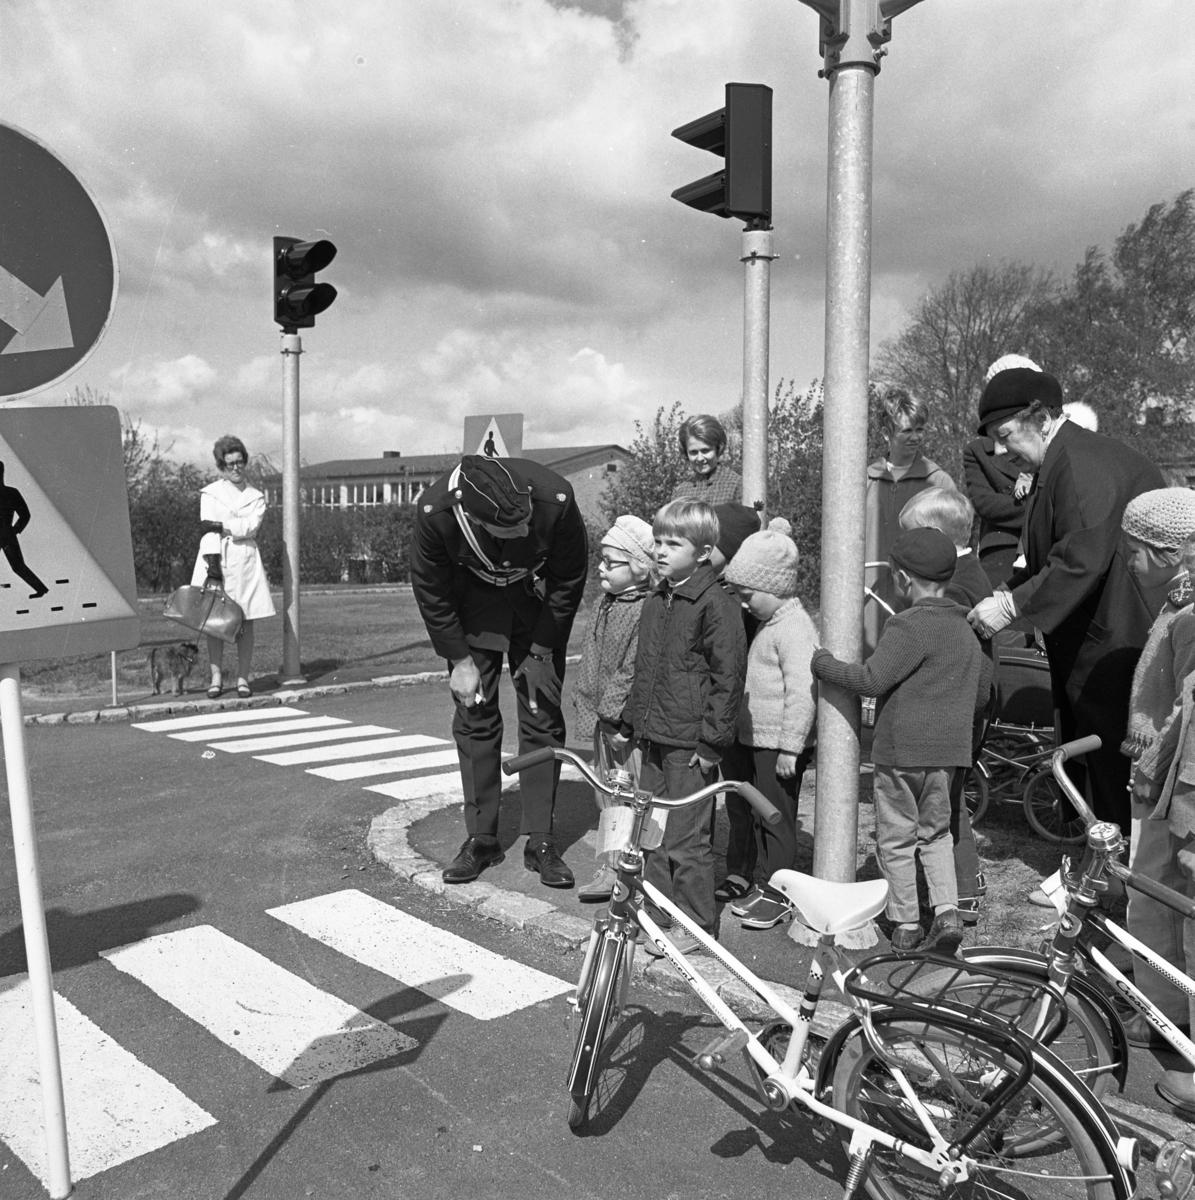 Trafiklekskola med polisman Leif Ekström, i uniform. Barnen får lära sig om trafikregler, trafikskyltar, övergångsställen och trafikljus. Några mammor är också med. I bakgrunden står en kvinna med en hund. Gäddgårdsskolan skymtar. Bilden är tagen nära Borgmästargatan.